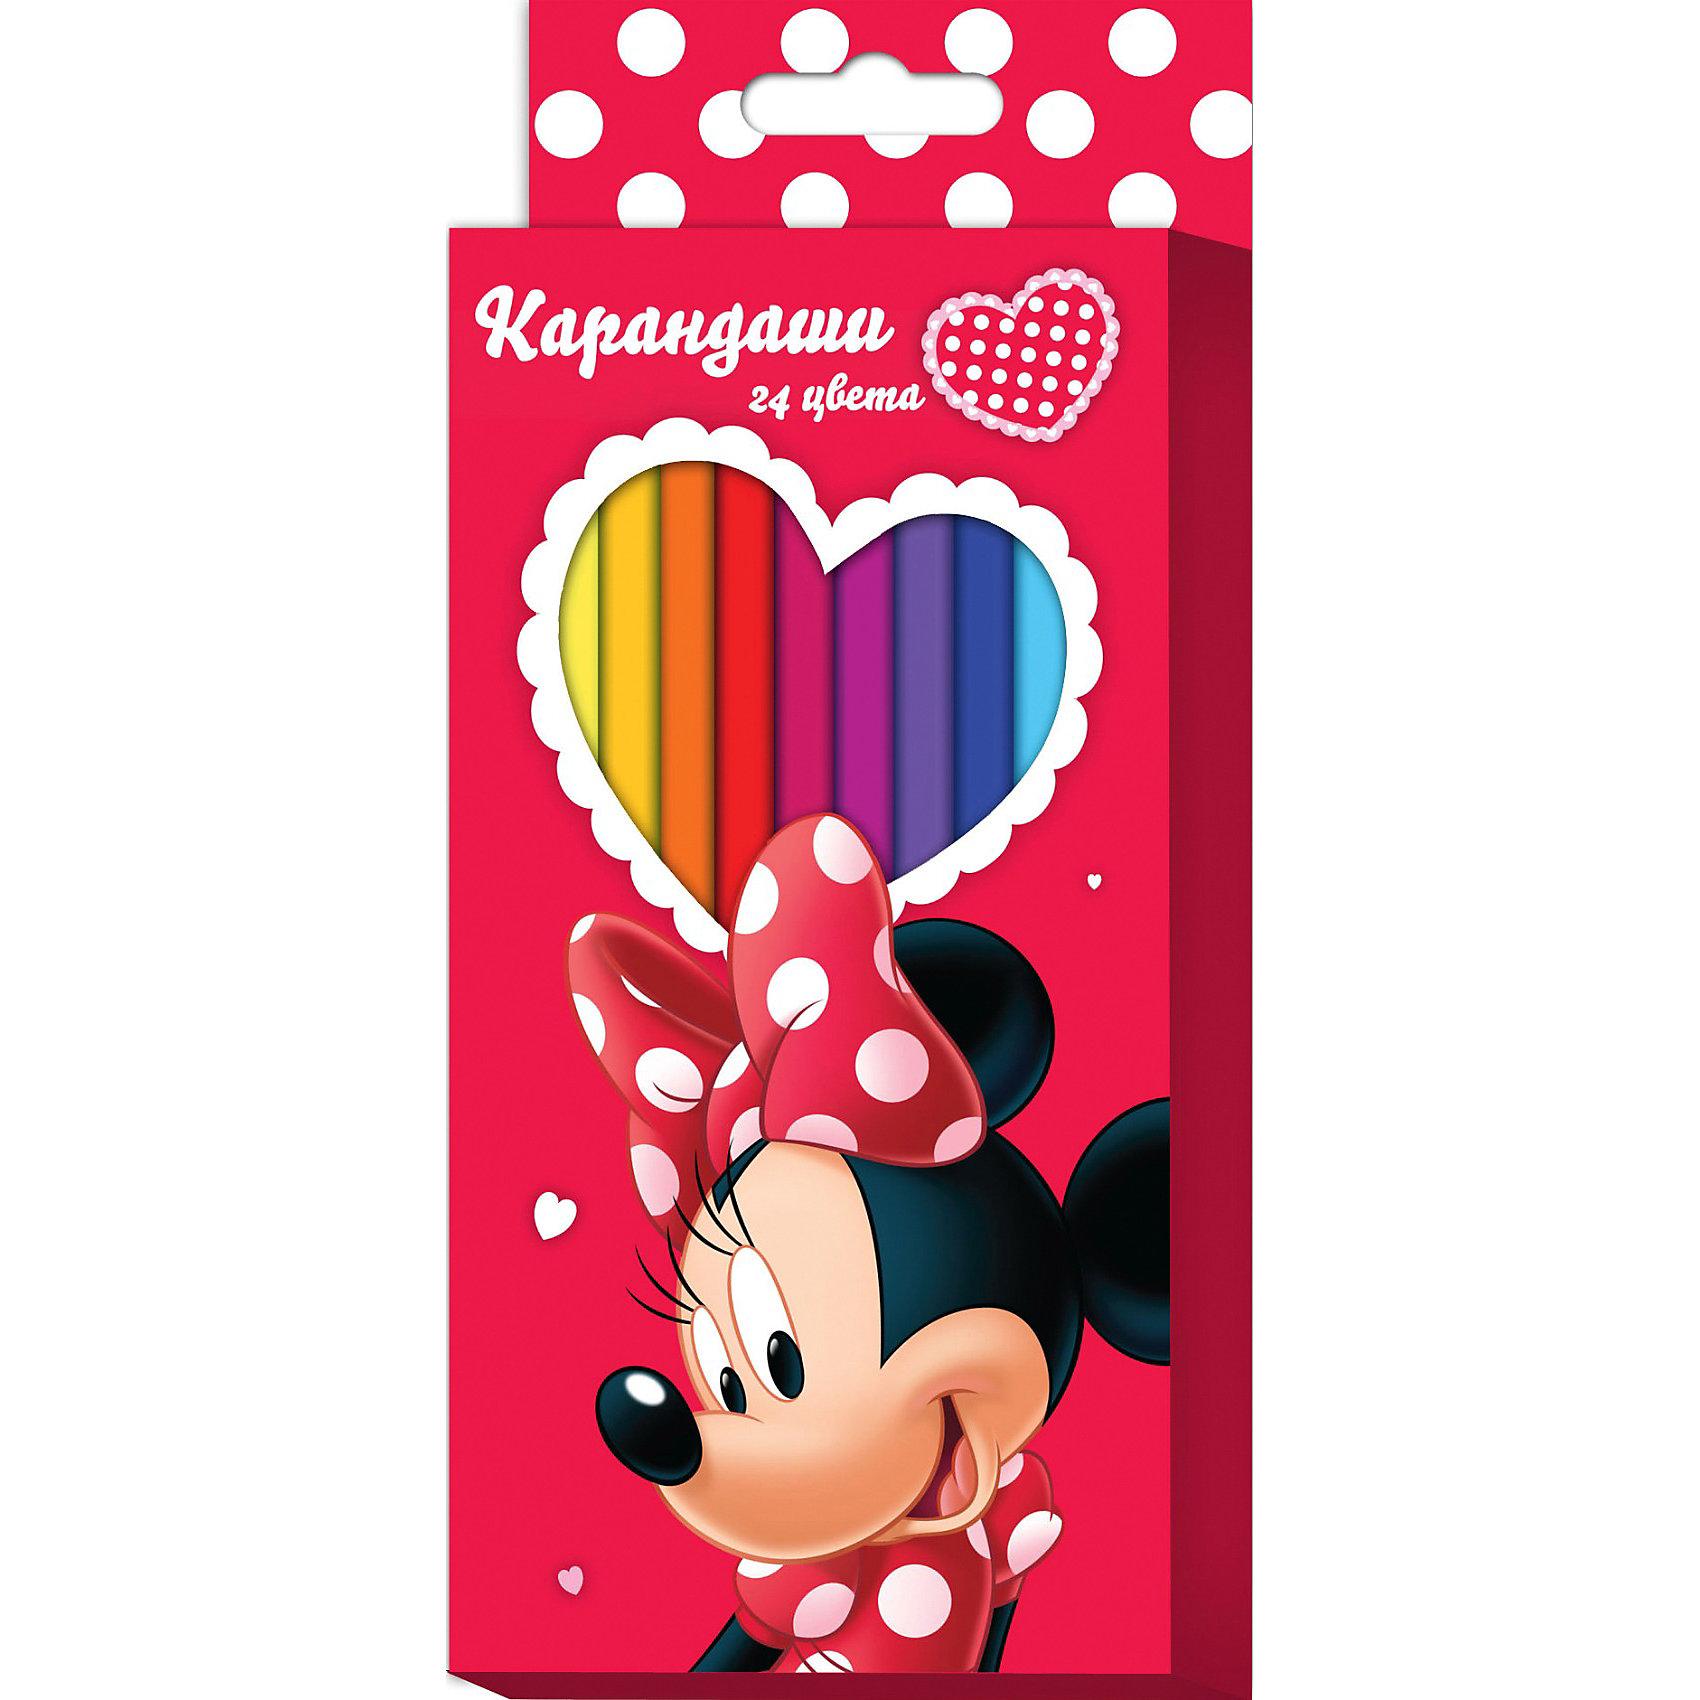 Цветные карандаши, 24 цв., Минни МаусЦветные карандаши необходимый инструмент для детского творчества и школьных занятий. Набор цветных карандашей Минни Disney от Росмэн оформлен в красочную картонную упаковку с изображением популярной героини диснеевских мультфильмов мышки Минни (Minnie Mouse). 24 цветных шестигранных карандаша идеально подходят для рисования, письма и раскрашивания. Благодаря утолщенному корпусу и эргономичной форме, они особенно удобны для детской руки и не требуют сильного нажатия. Карандаши<br>изготовлены из высококачественной древесины, легко затачиваются, имеют прочный грифель, который не ломается при заточке.<br><br>Дополнительная информация:<br><br>- В наборе 24 карандаша.<br>- Материал: дерево, грифель.<br>- Размер упаковки: 21 х 9 х 1,5 см.<br>- Вес: 150 гр.<br><br>Цветные карандаши, 24 цв., Минни Маус можно купить в нашем интернет-магазине.<br><br>Ширина мм: 210<br>Глубина мм: 90<br>Высота мм: 15<br>Вес г: 150<br>Возраст от месяцев: 36<br>Возраст до месяцев: 108<br>Пол: Женский<br>Возраст: Детский<br>SKU: 3750422